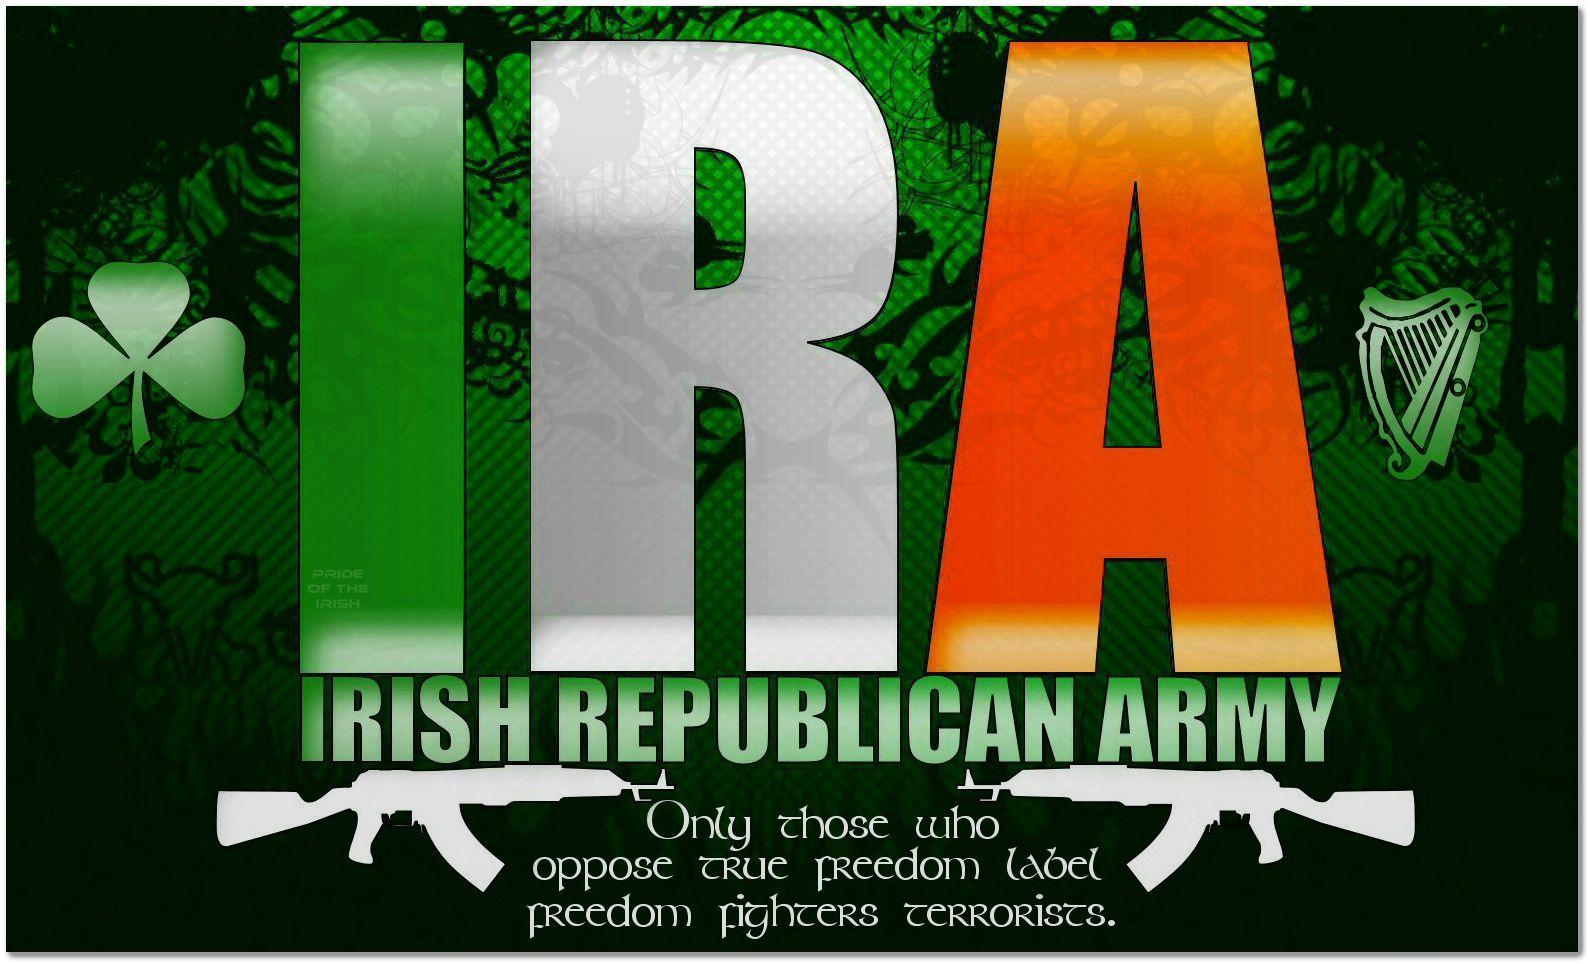 Irish Republican Army Quotes. QuotesGram